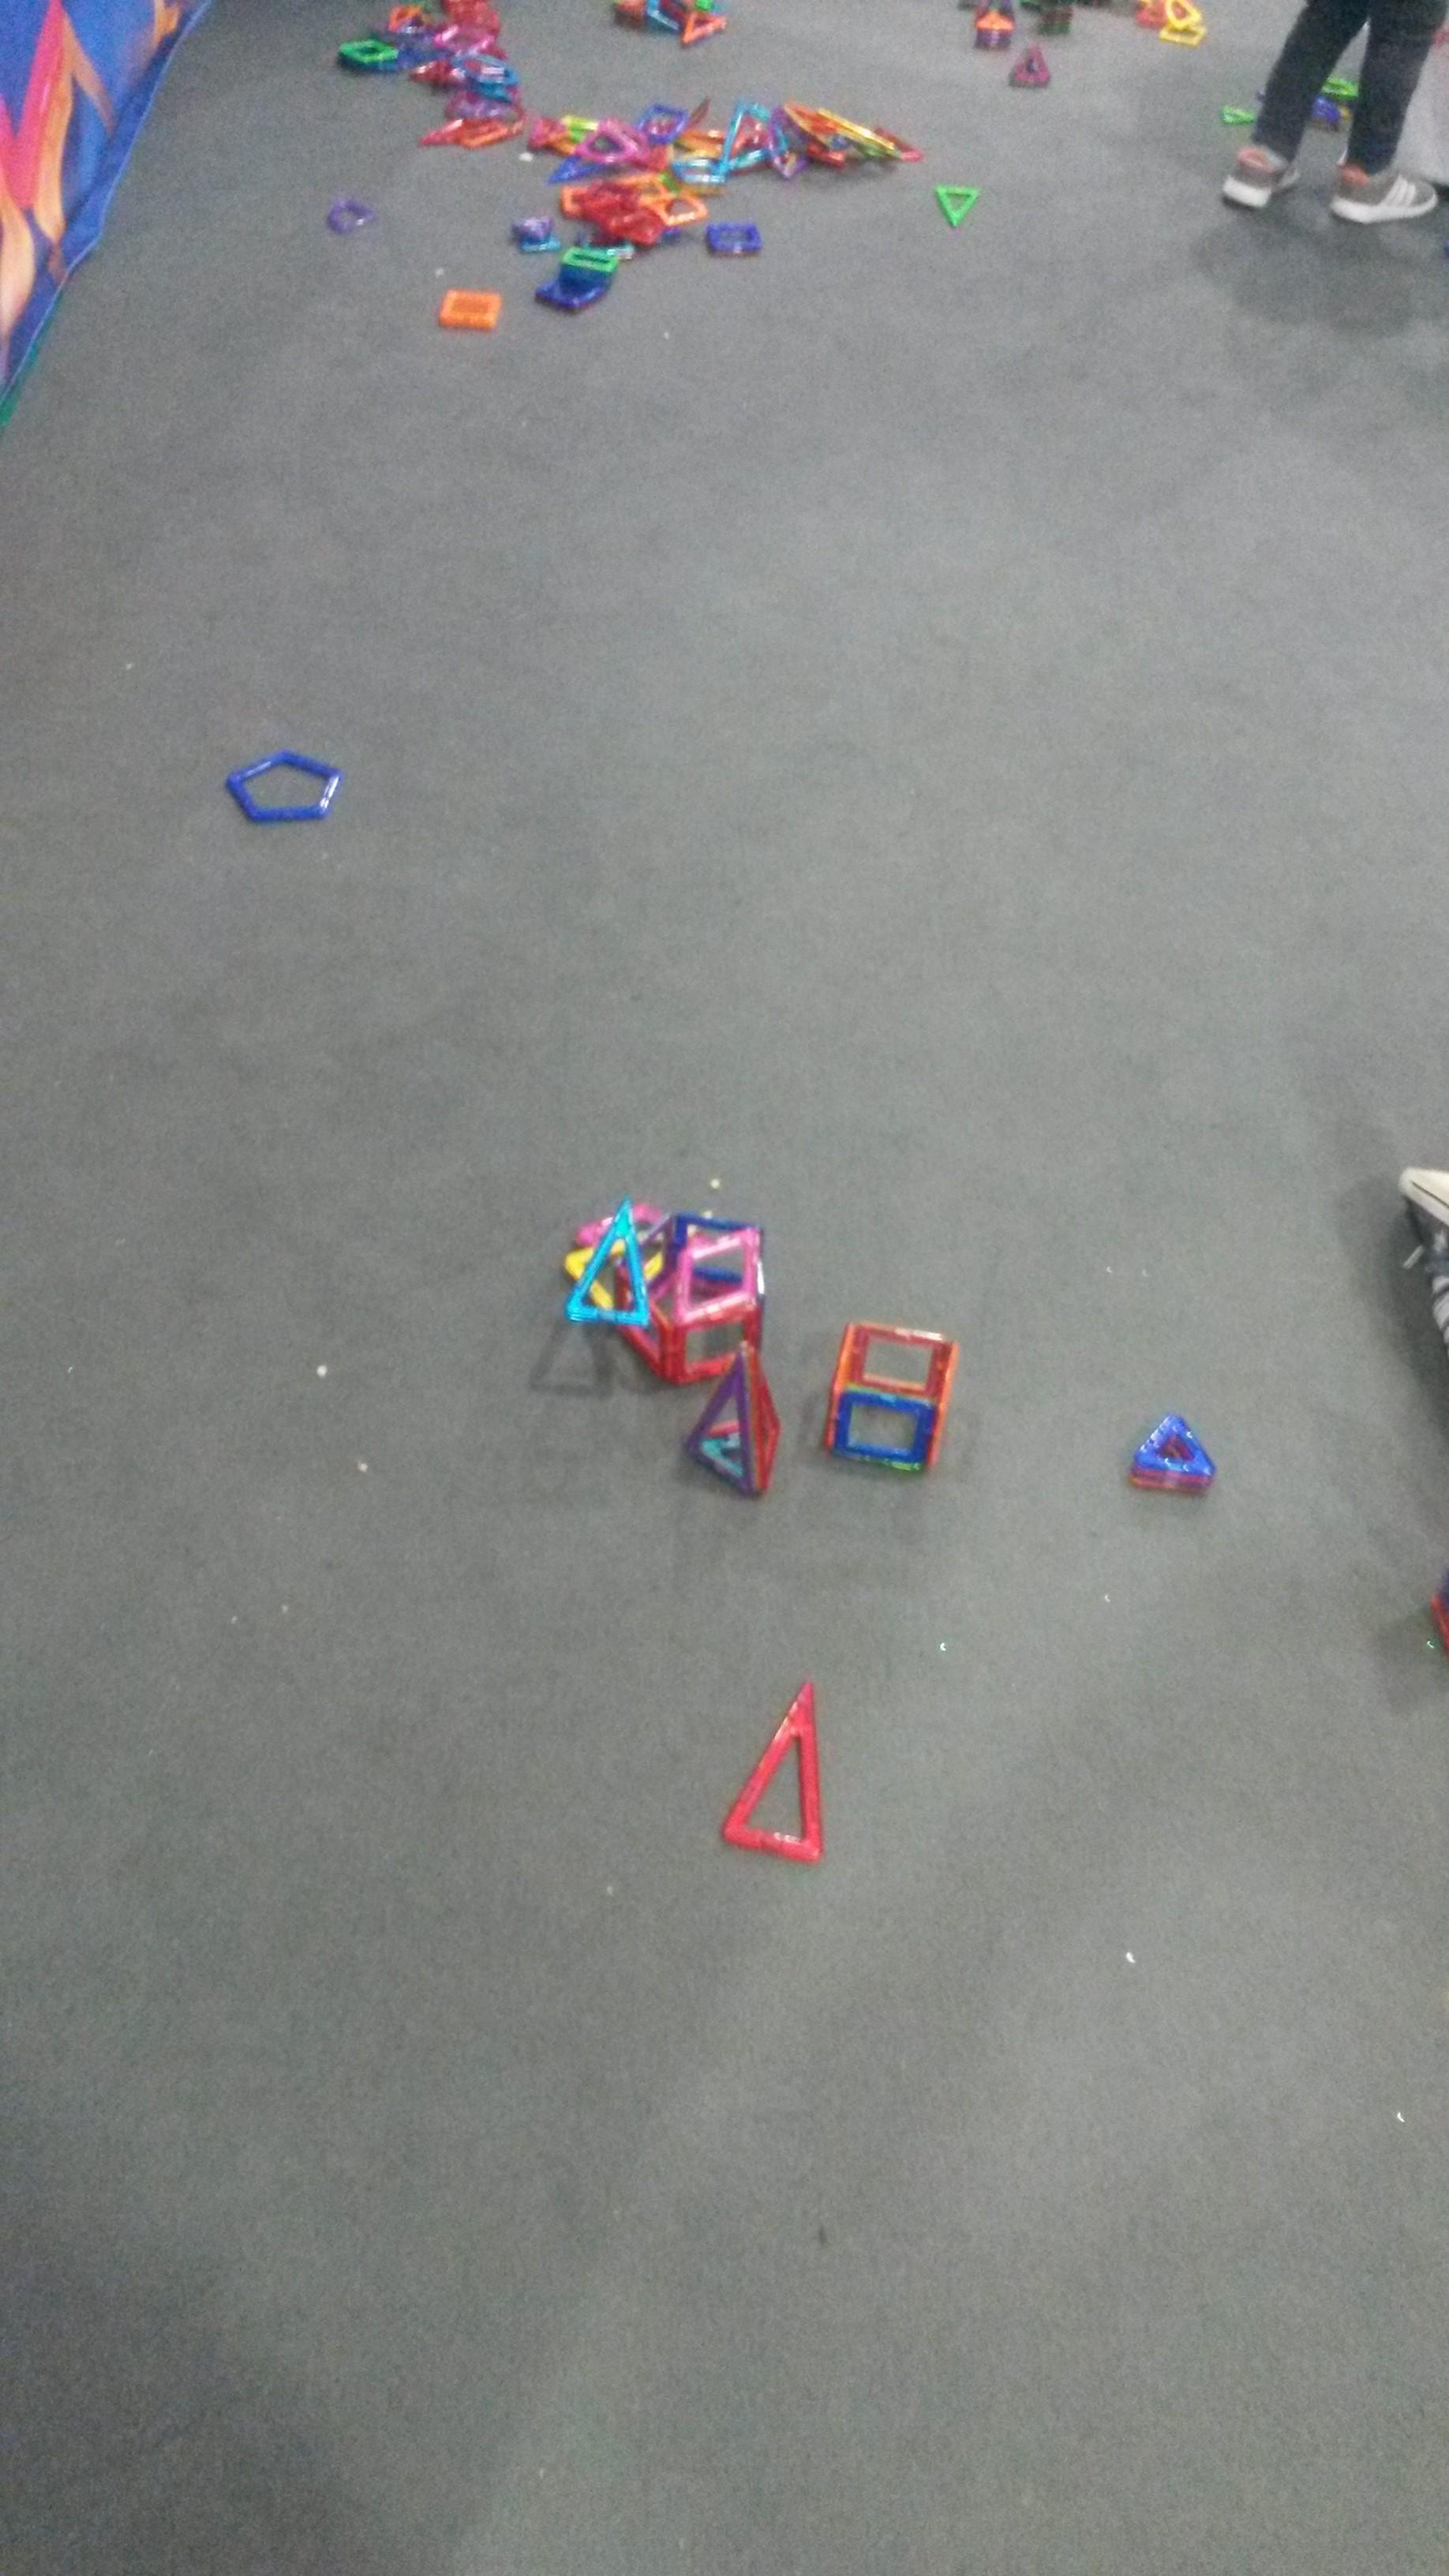 Des jeux magnétiques pratiques et colorés